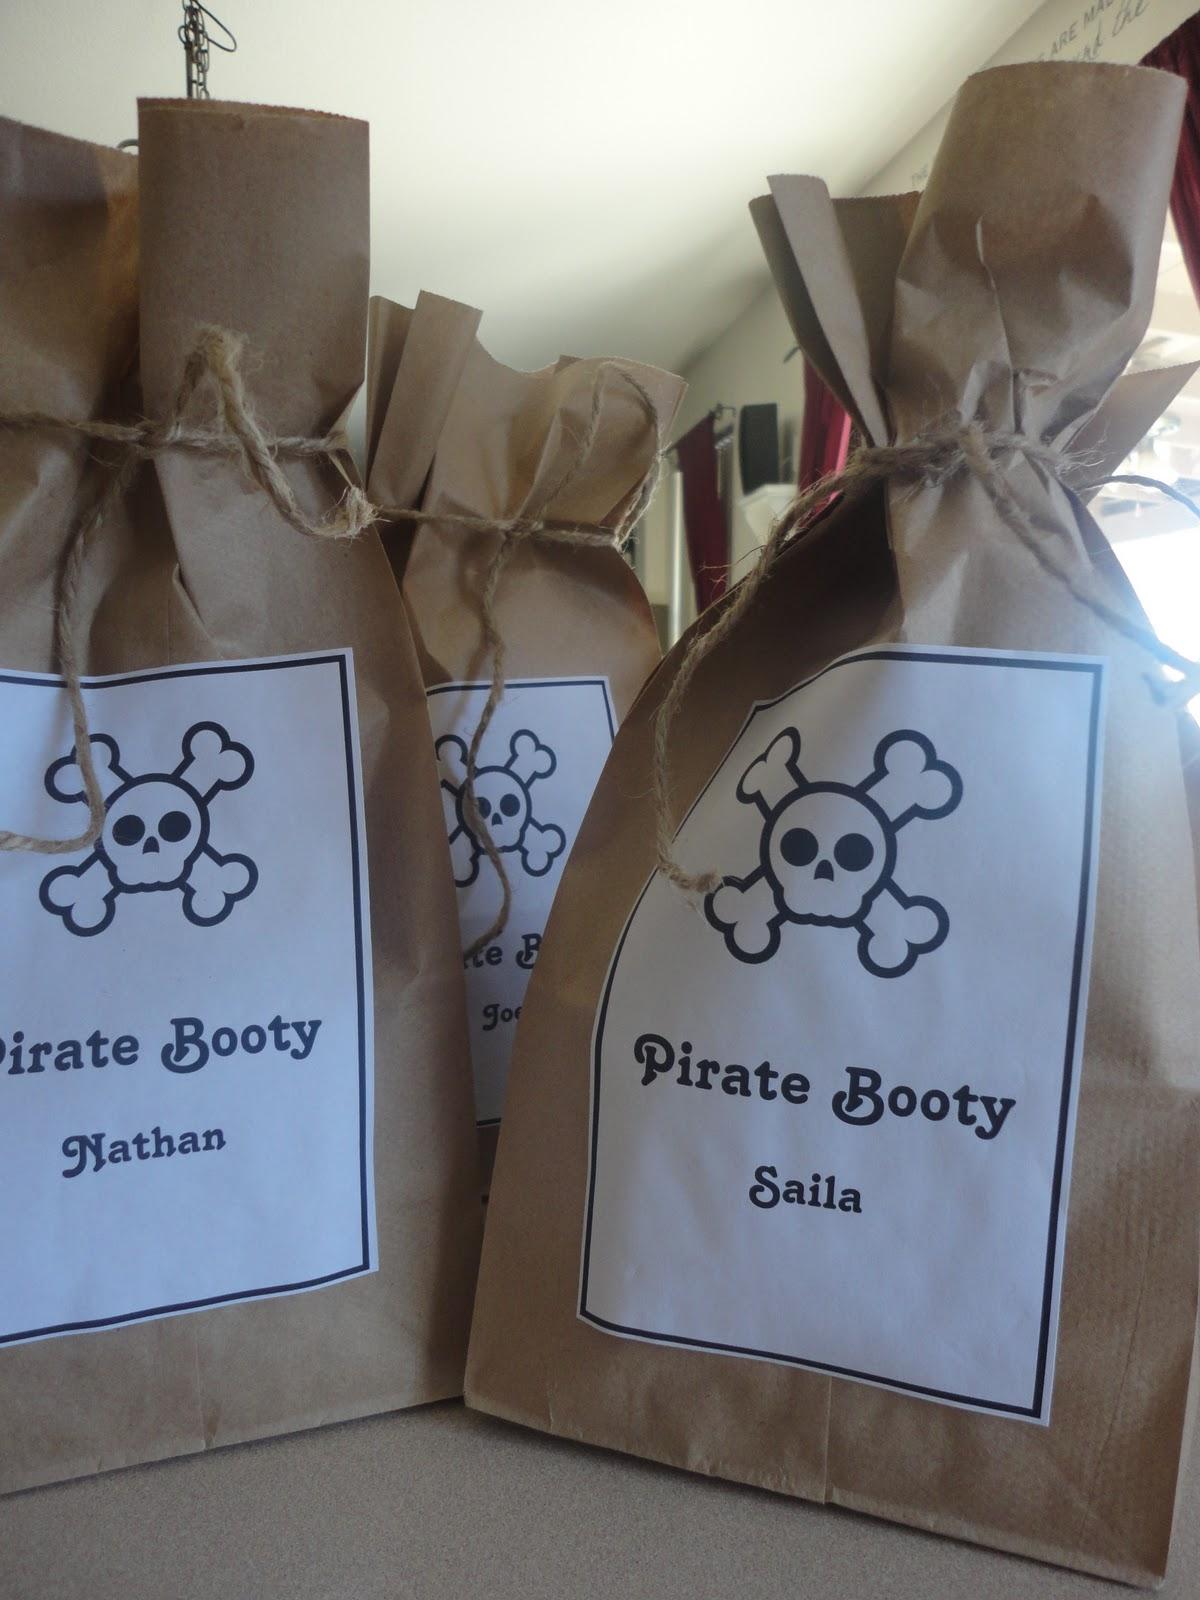 http://4.bp.blogspot.com/-kGm_8hlUm_g/TY-qyv8k1RI/AAAAAAAAAfk/Yia3jjqumws/s1600/Pirate+Party+014.jpg